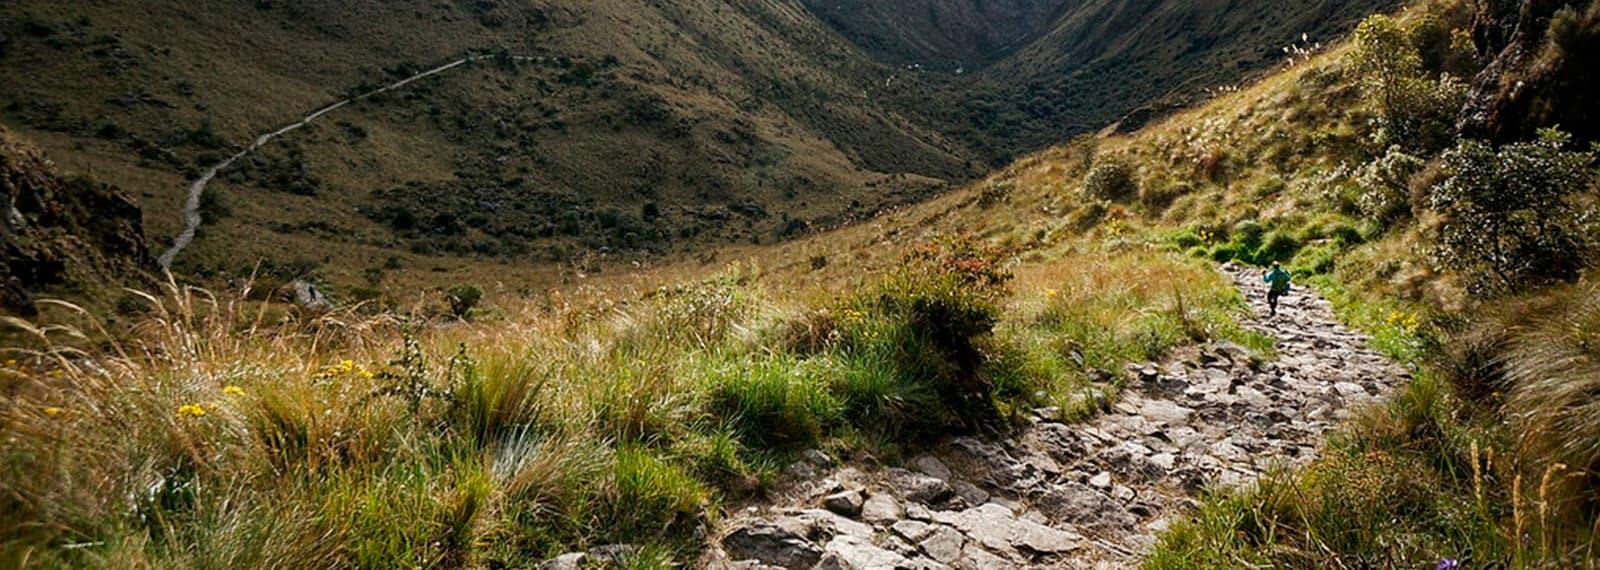 inca trail path to machu picchu